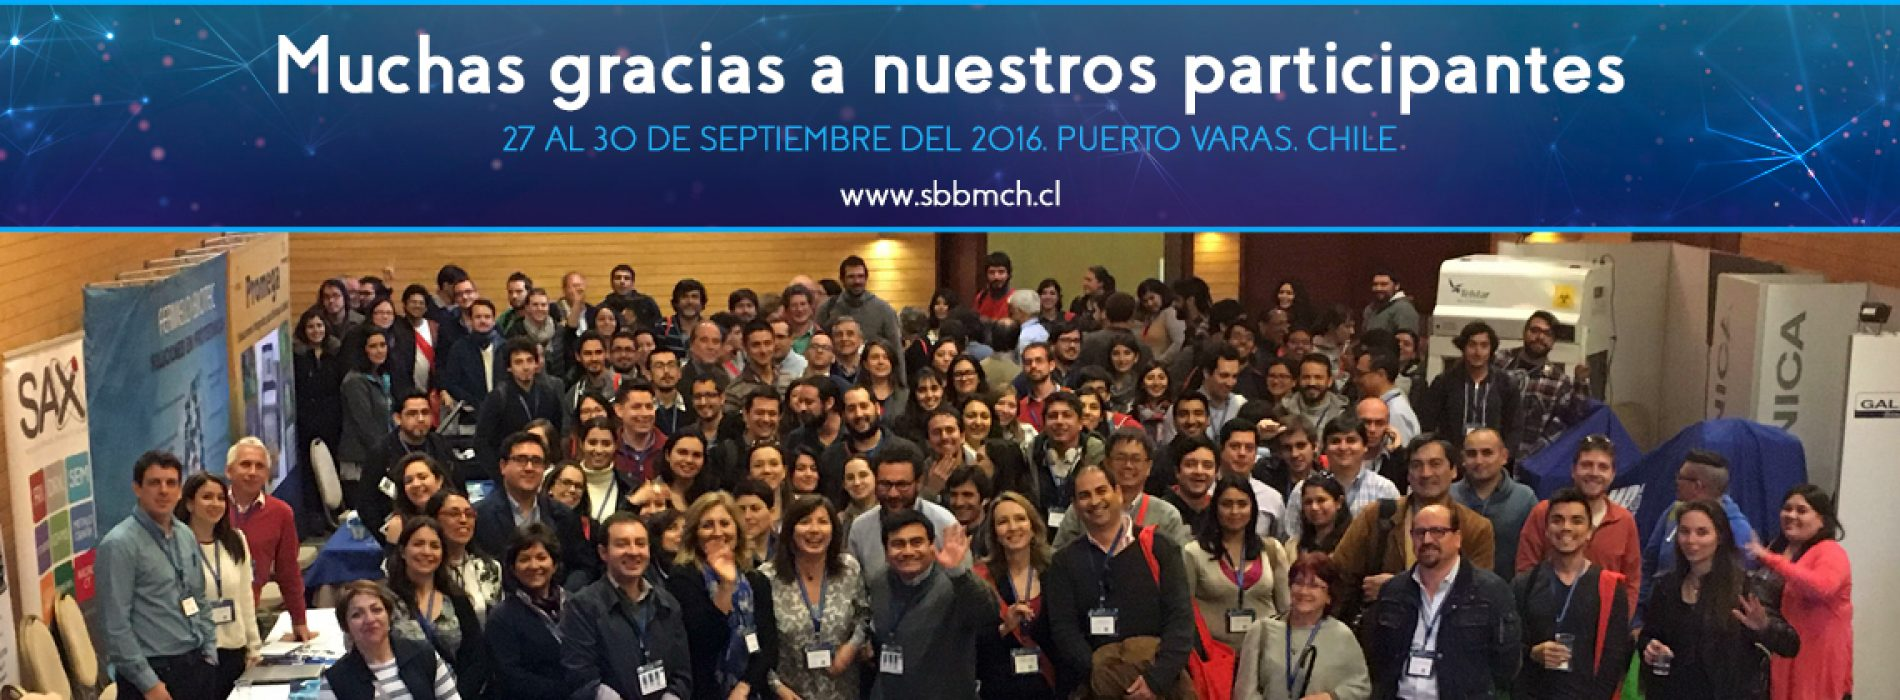 Agradecimientos XXXVIII Reunión Anual Sociedad de Bioquímica y Biología Molecular de Chile